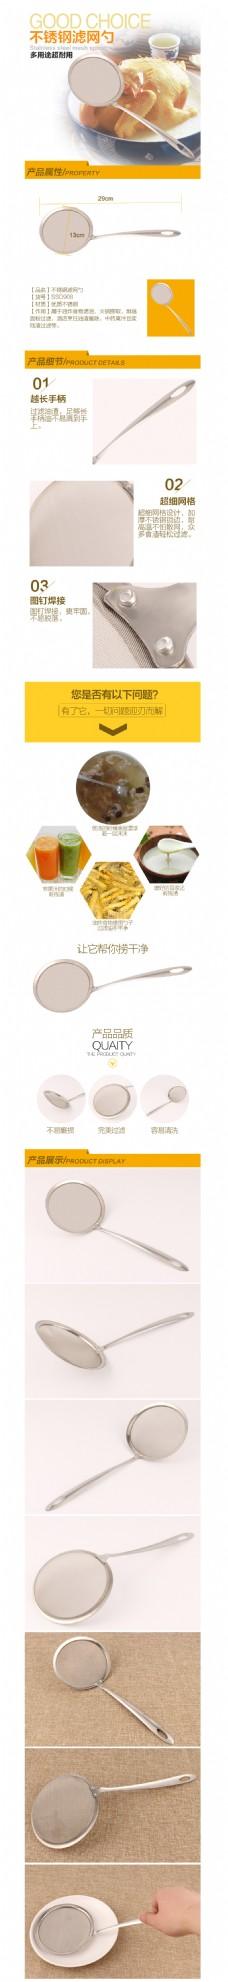 不锈钢油滤勺厨房用具